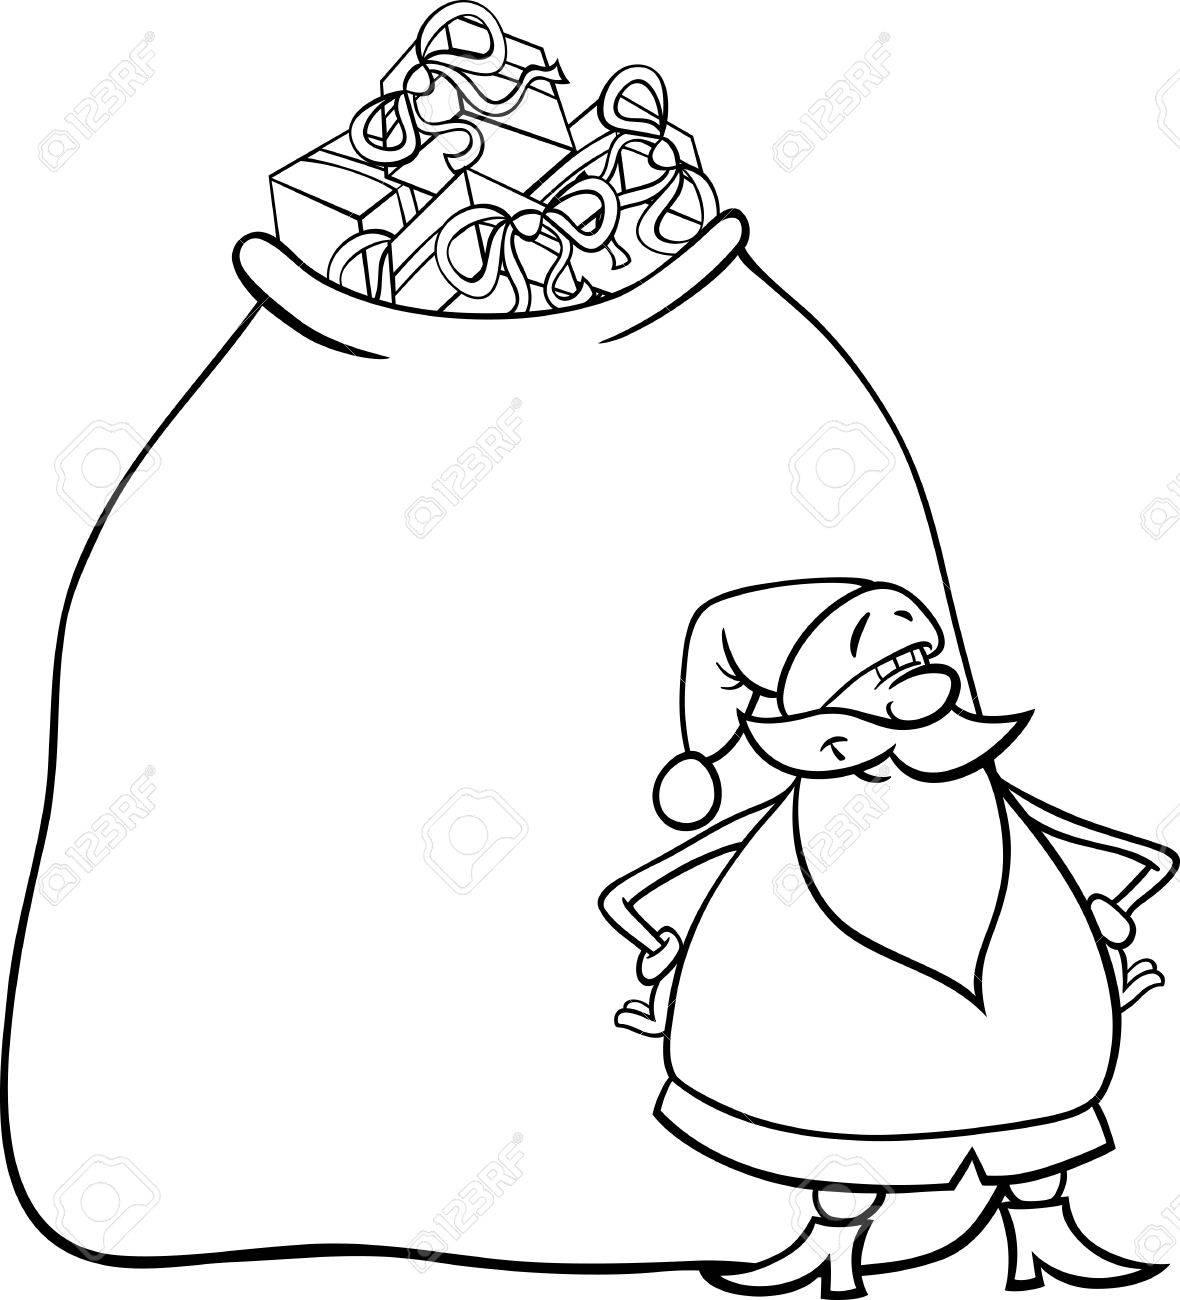 Illustration De Dessin Animé Drôle De Père Noël Ou Papa Noël Avec énorme Sac Plein De Cadeaux De Noël Pour Coloring Book